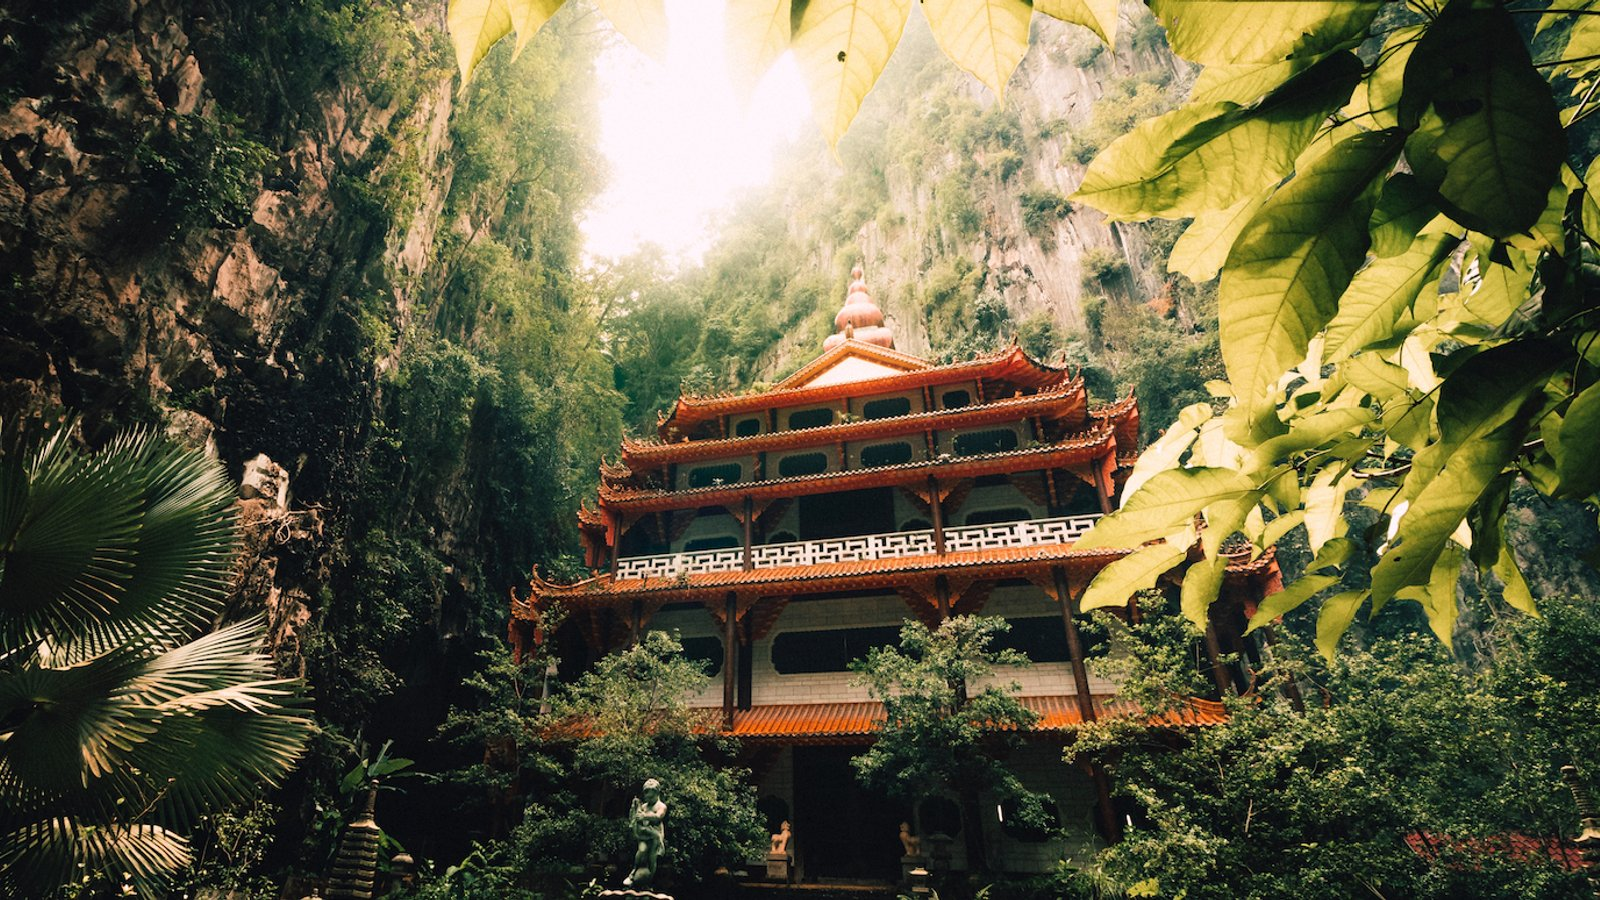 روستای کهن در مالزی